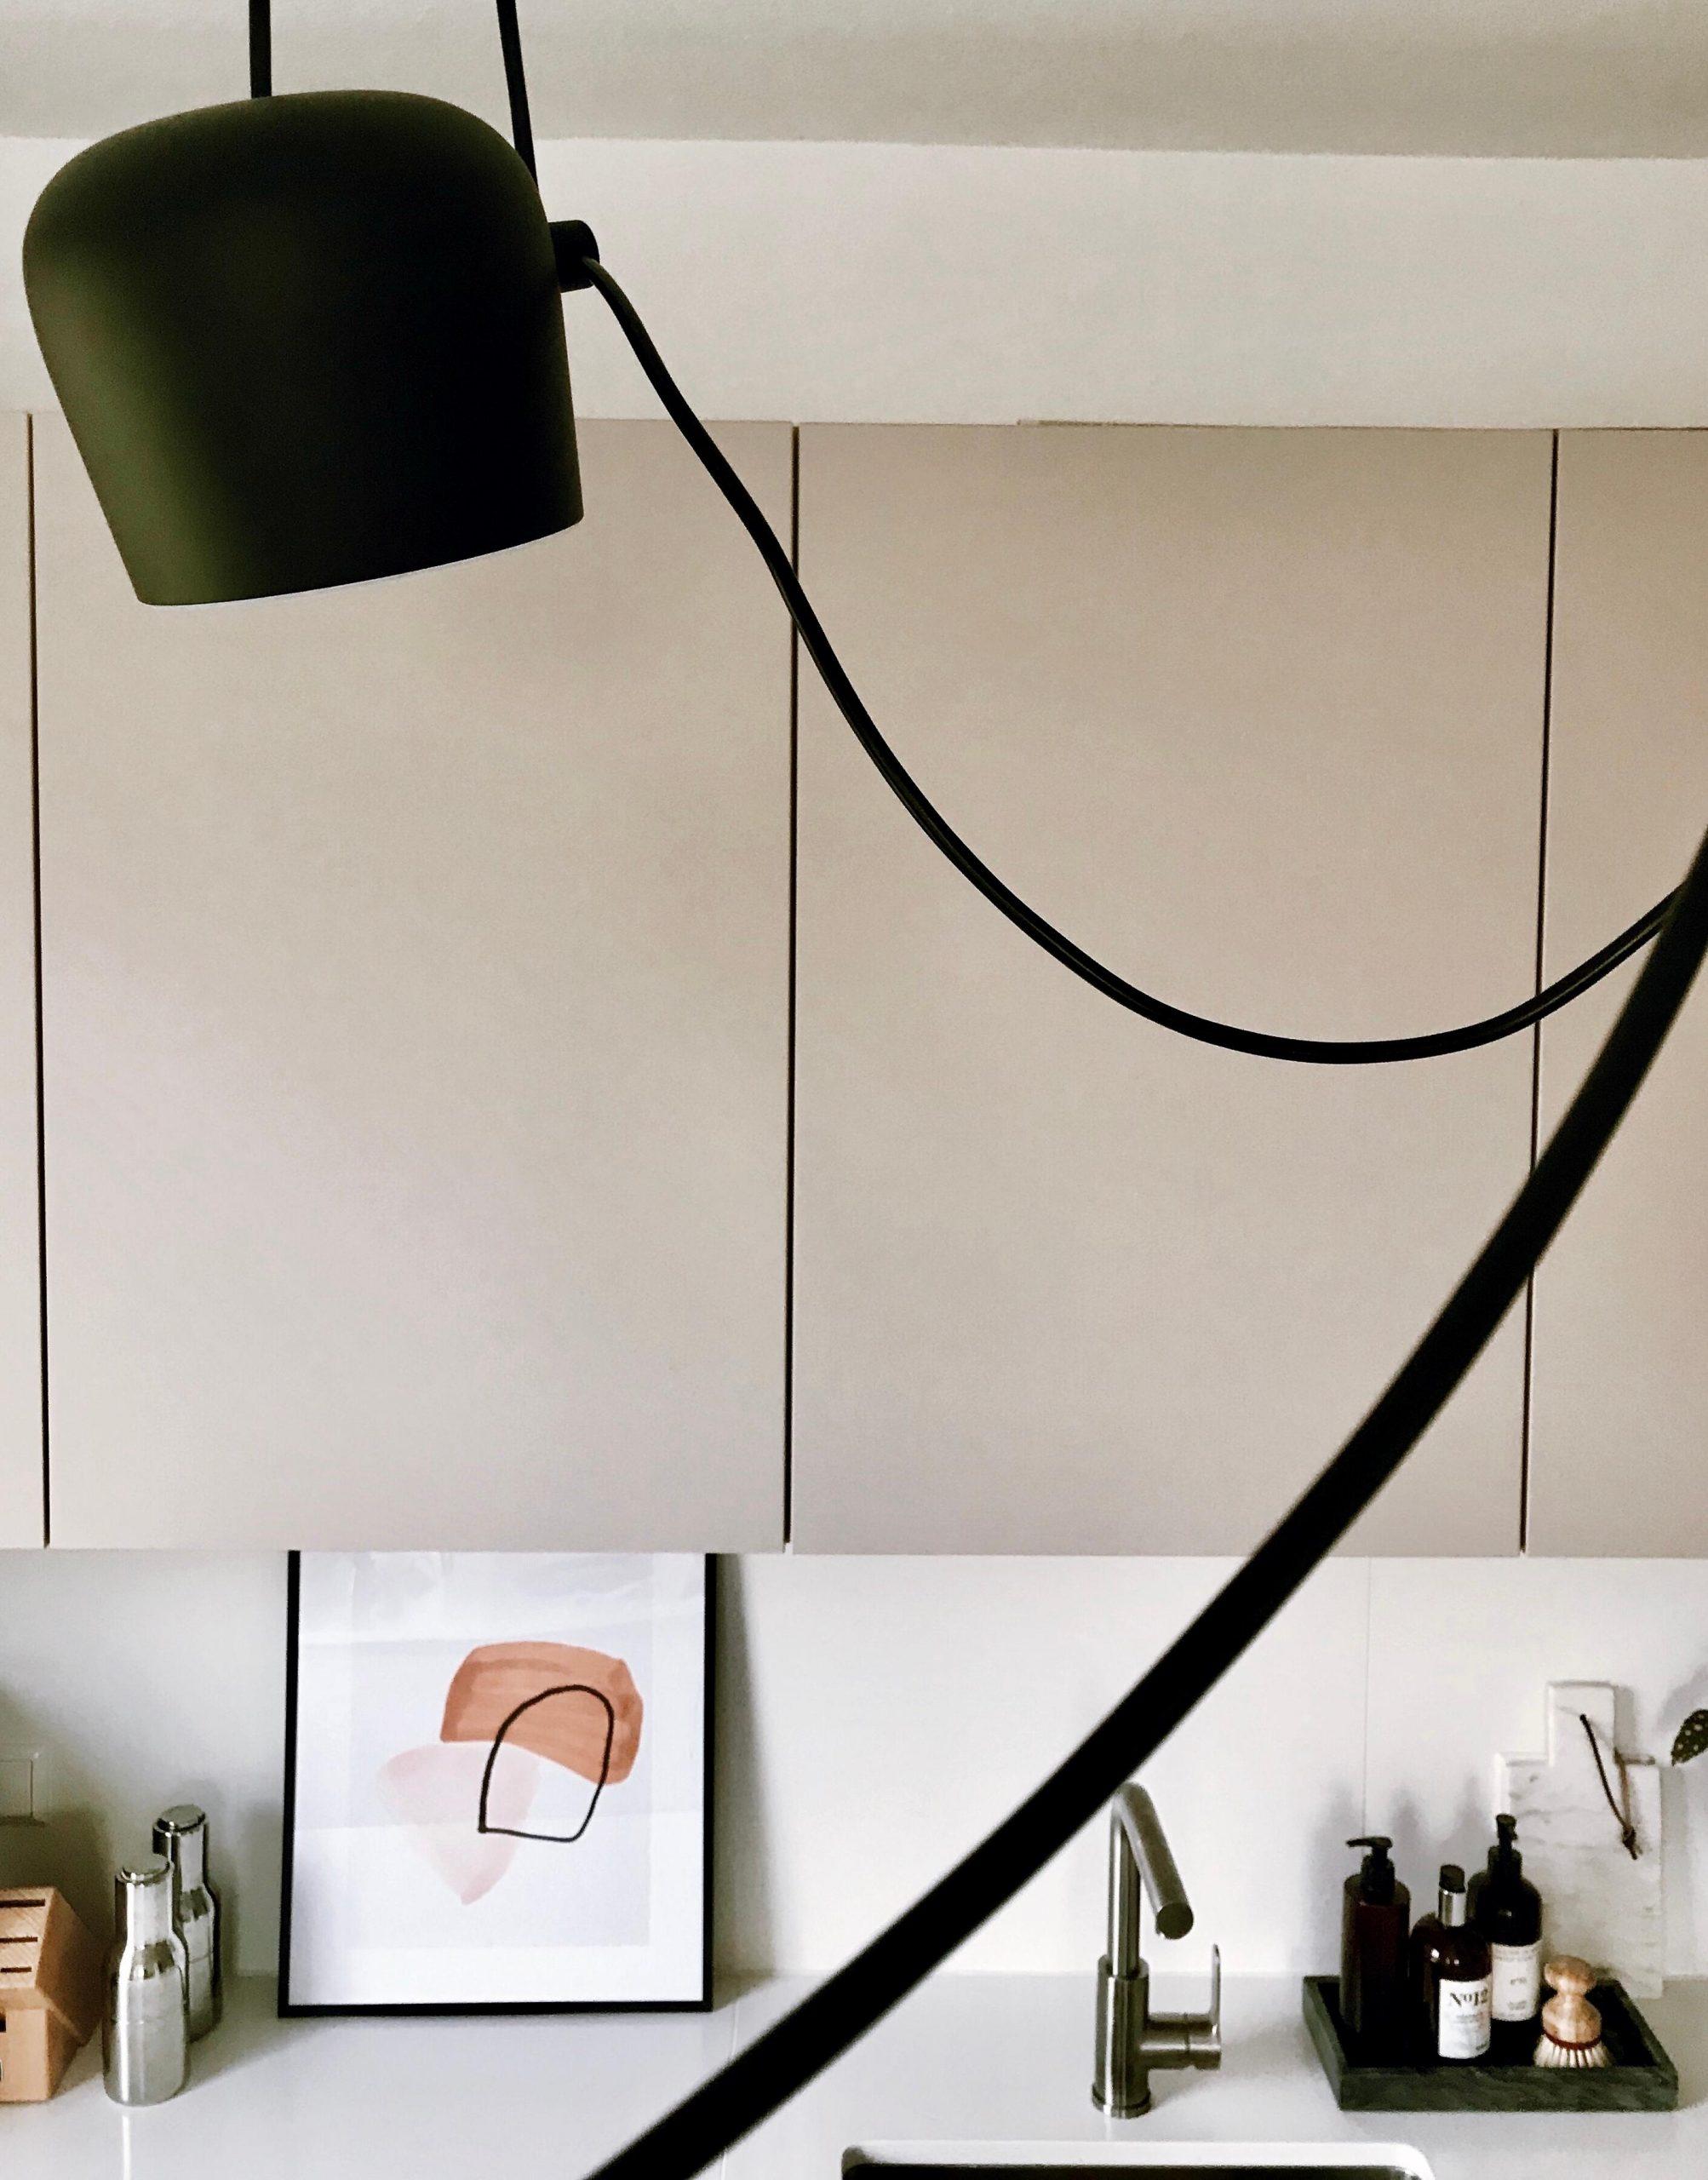 Full Size of Küche Anthrazit Müllsystem Laminat Fürs Bad Tapete Modern Eckschrank Spiegelschrank Für Alarmanlagen Fenster Und Türen Was Kostet Eine Winkel Wohnzimmer Lampen Für Küche